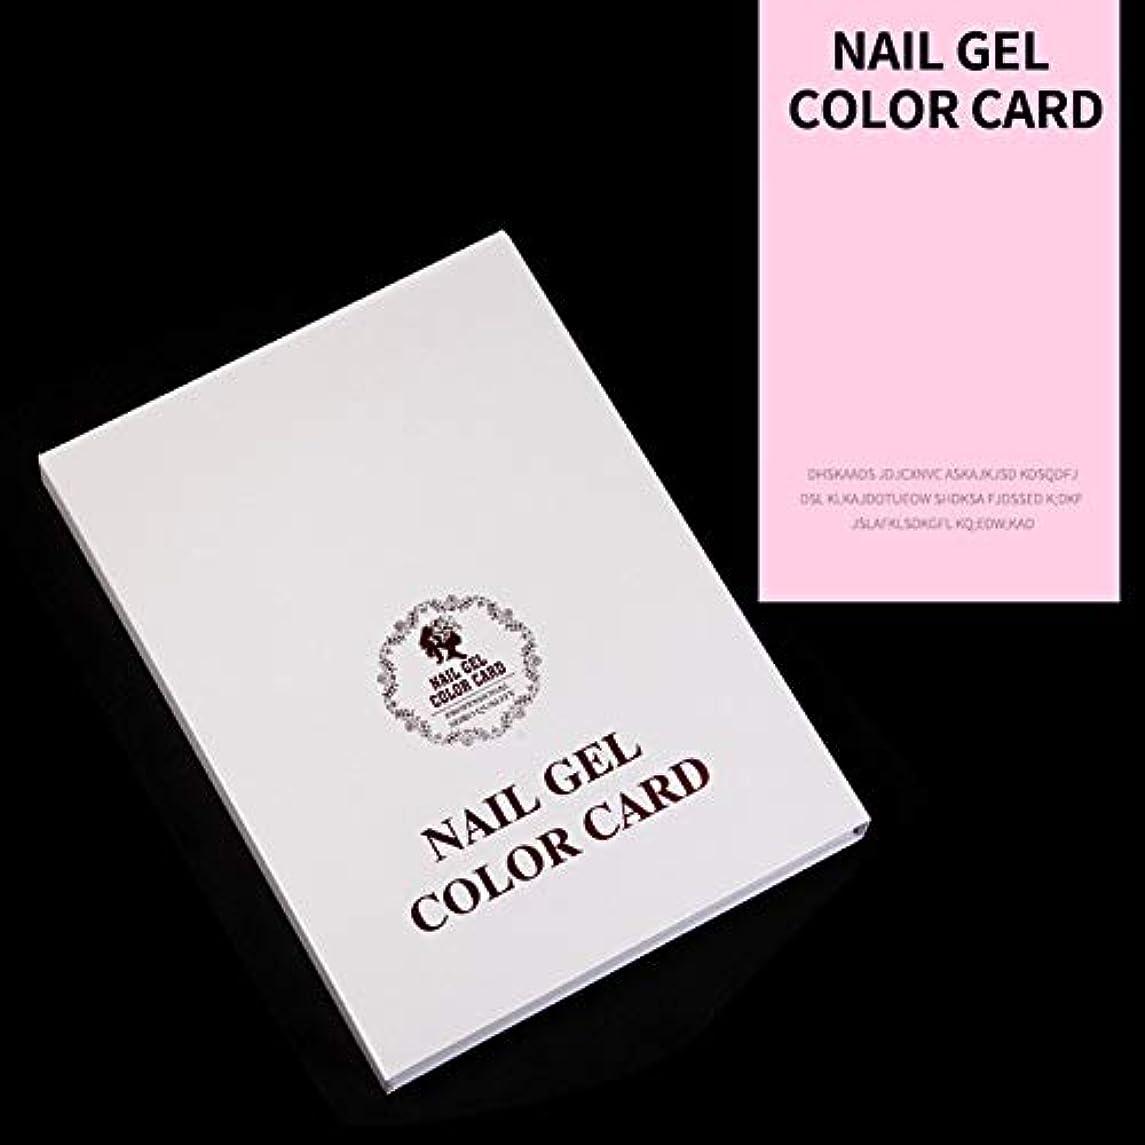 直面するクロールバルセロナACHICOO ?マニキュアツール偽ネイルカラーブックカラーディスプレイネイルアートジェルポリッシュカラーカードネイルカラーチャート Small color card (120 colors)